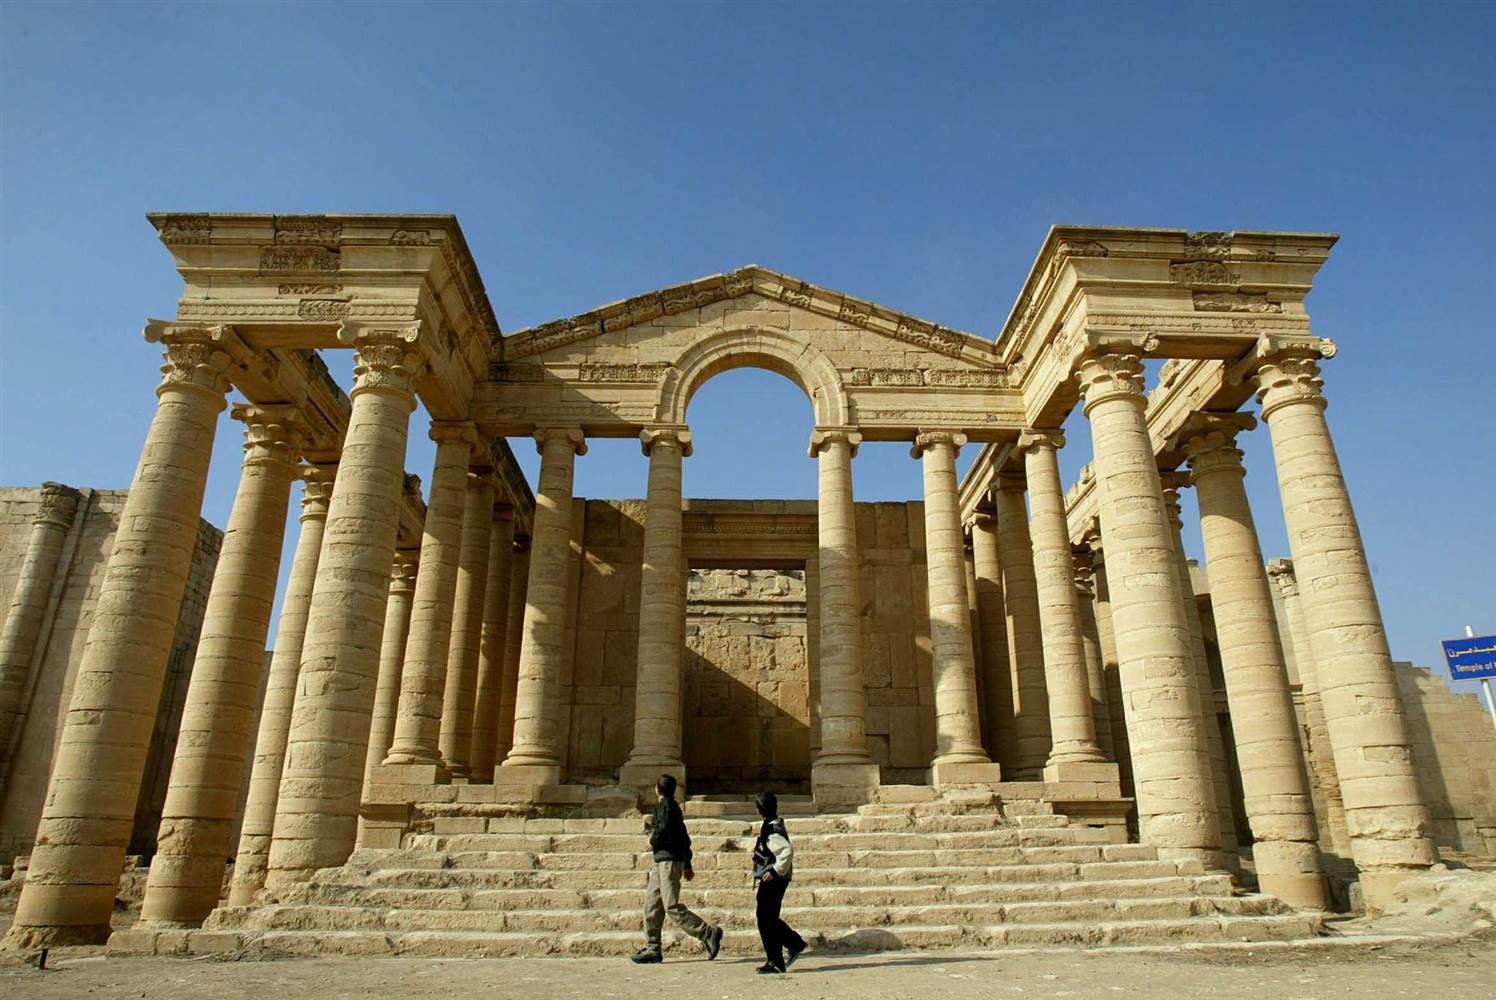 ท่องทะเลทรายใน ดินแดนอารยธรรมอิรัก แหล่งท่องเที่ยวของอารยธรรมโบราณ